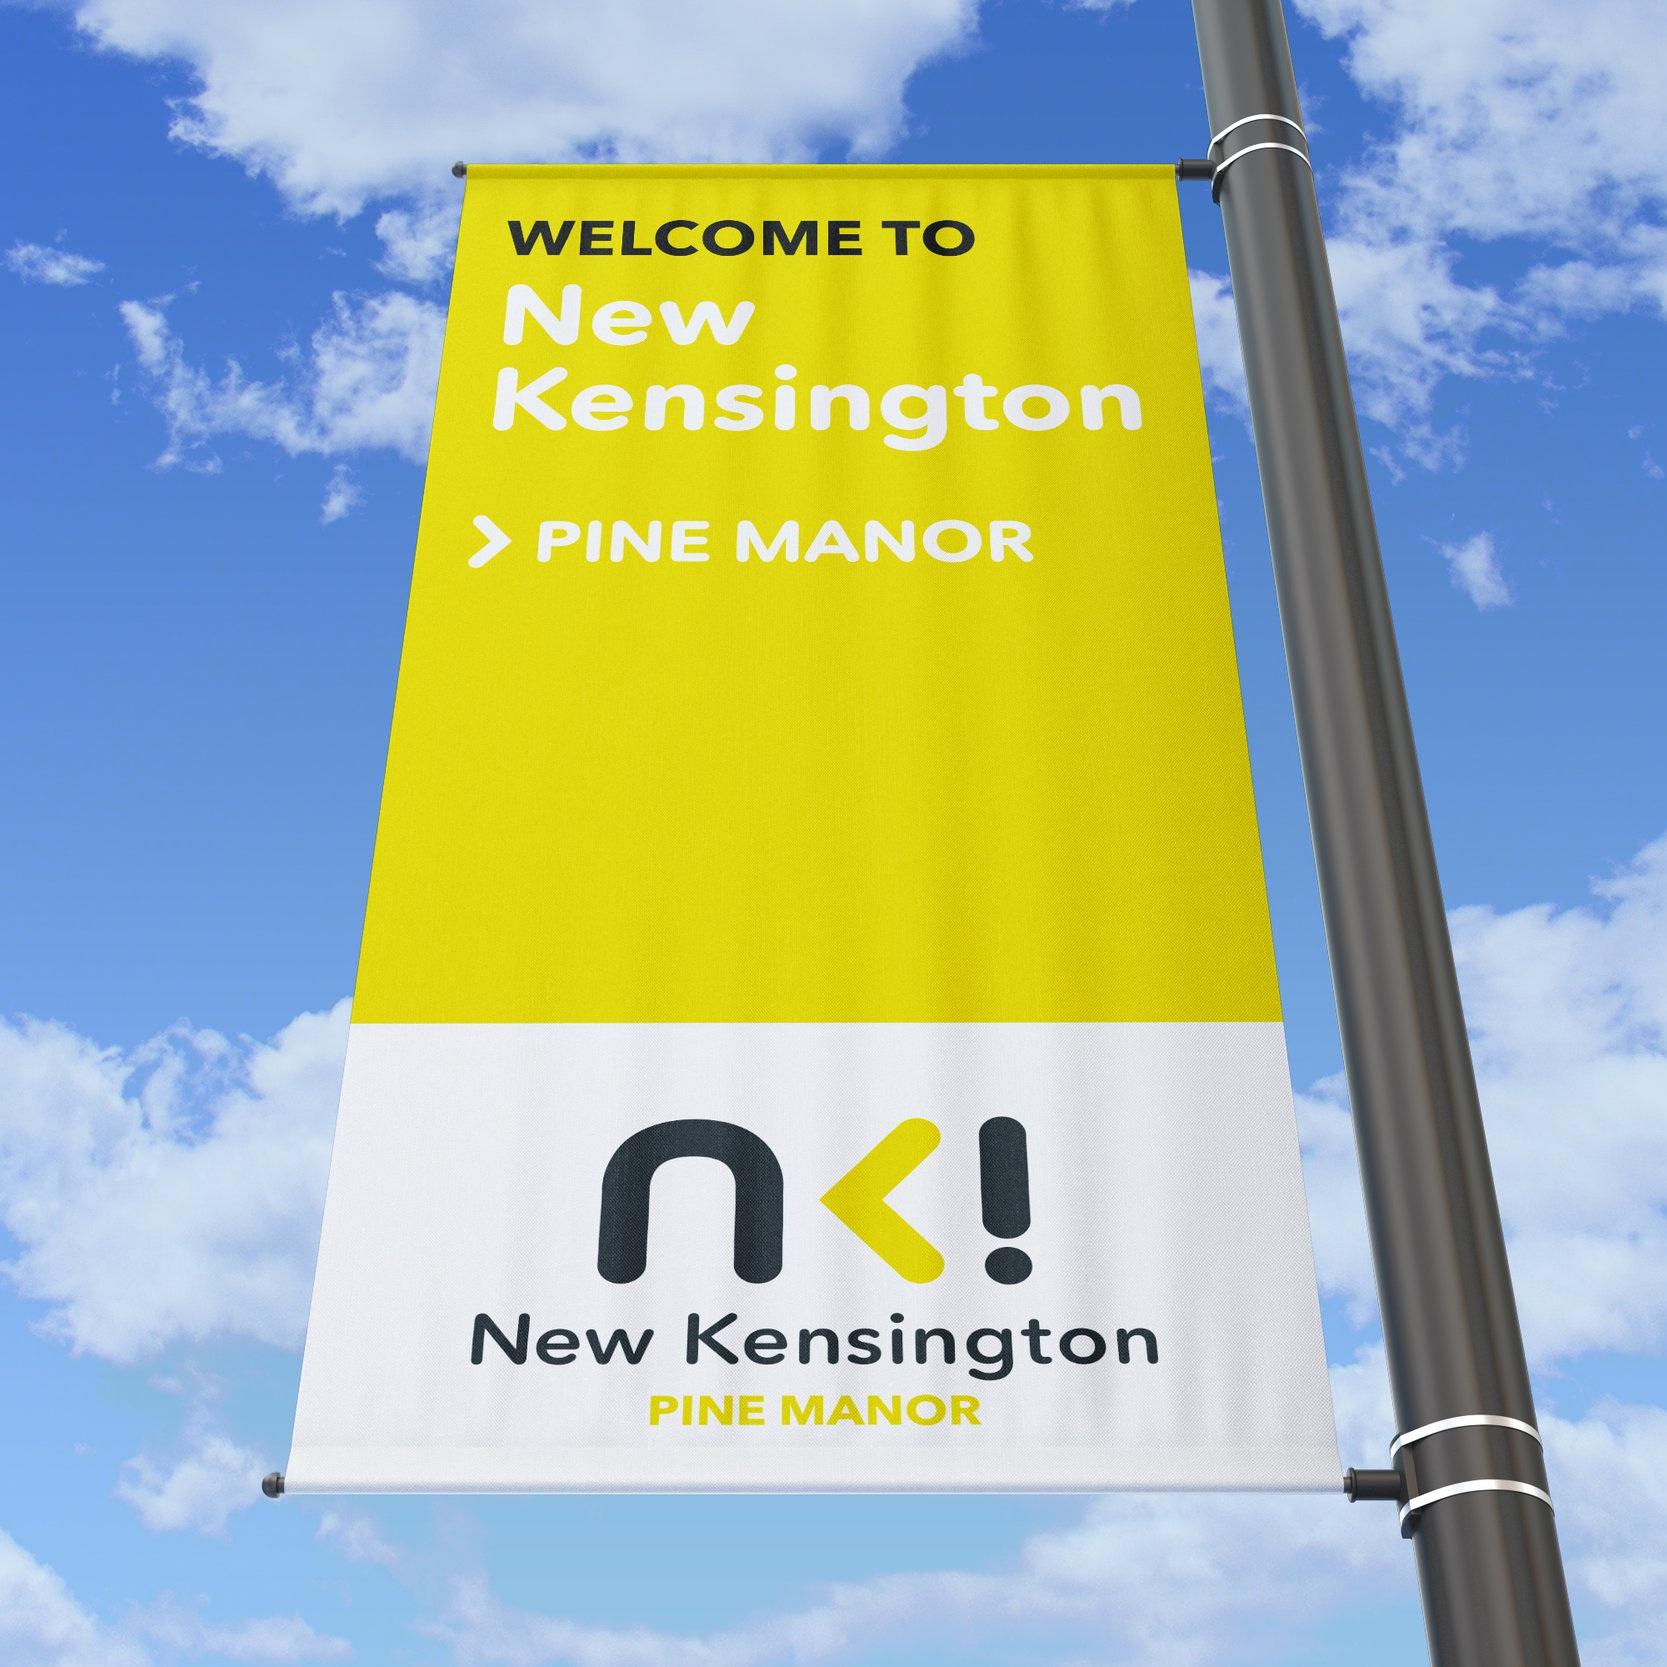 NewKen_Welcome_Poster_Concept1_PineManor.jpg